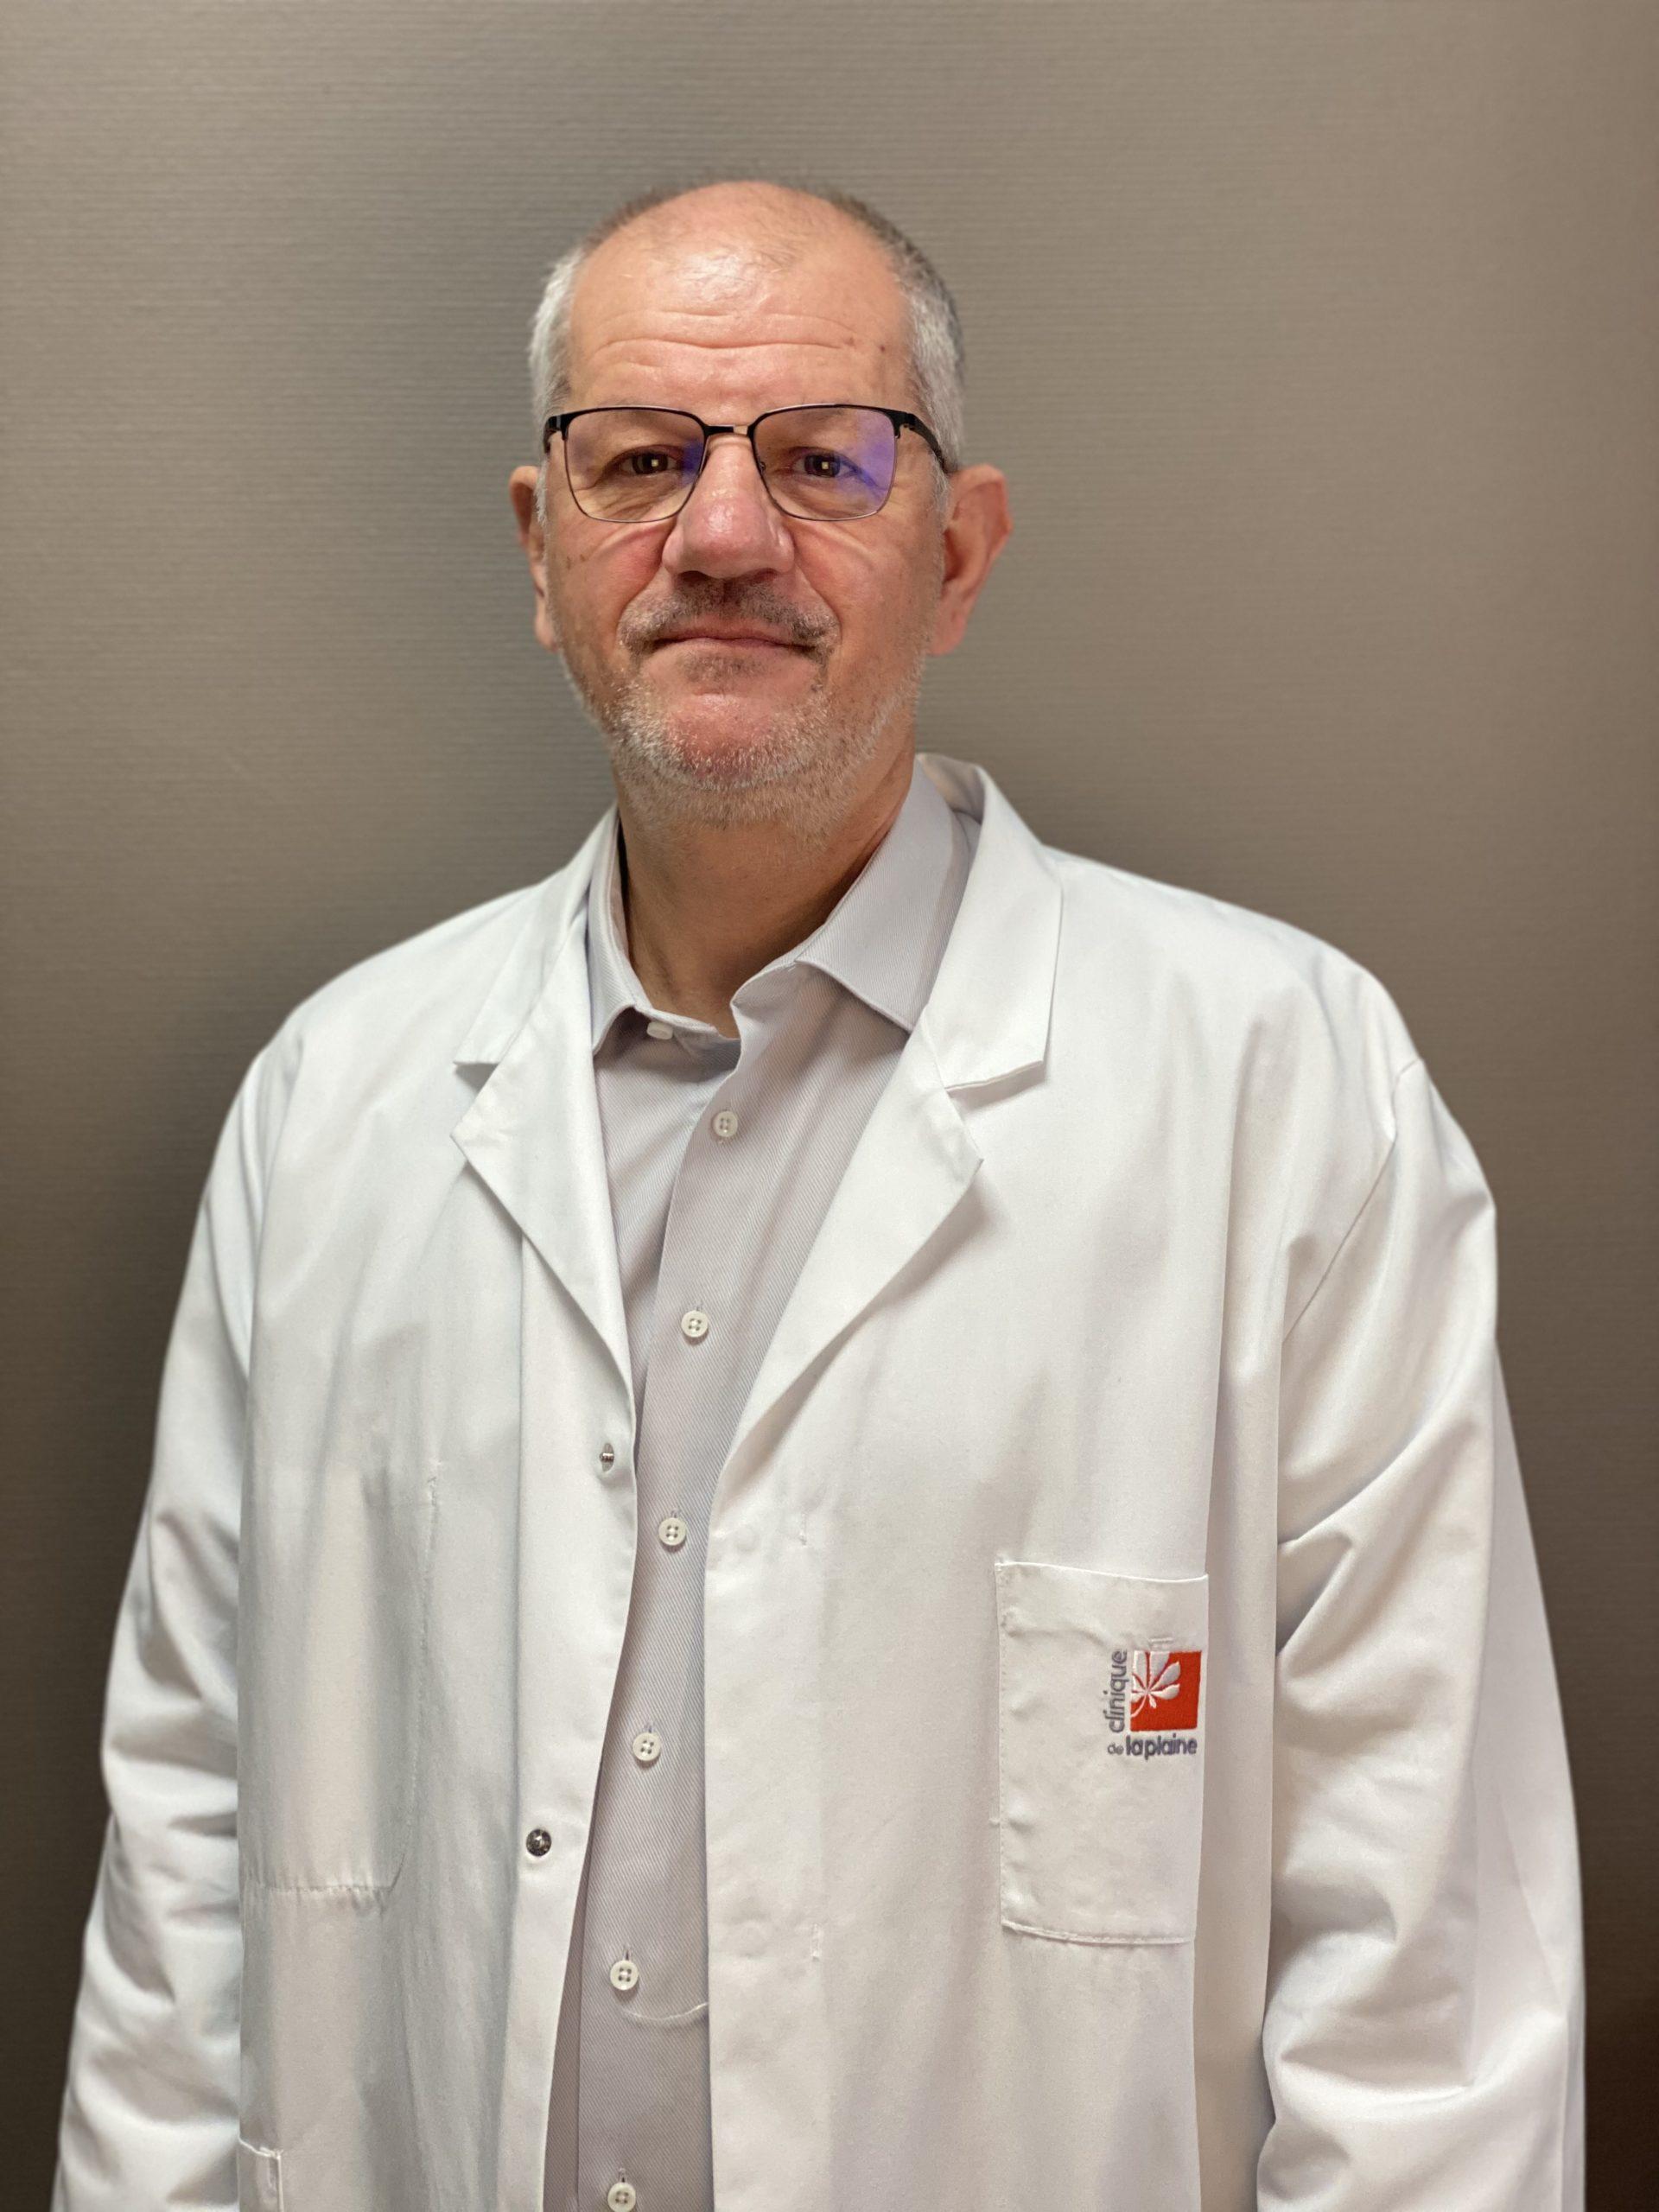 Dr Viski Sandor